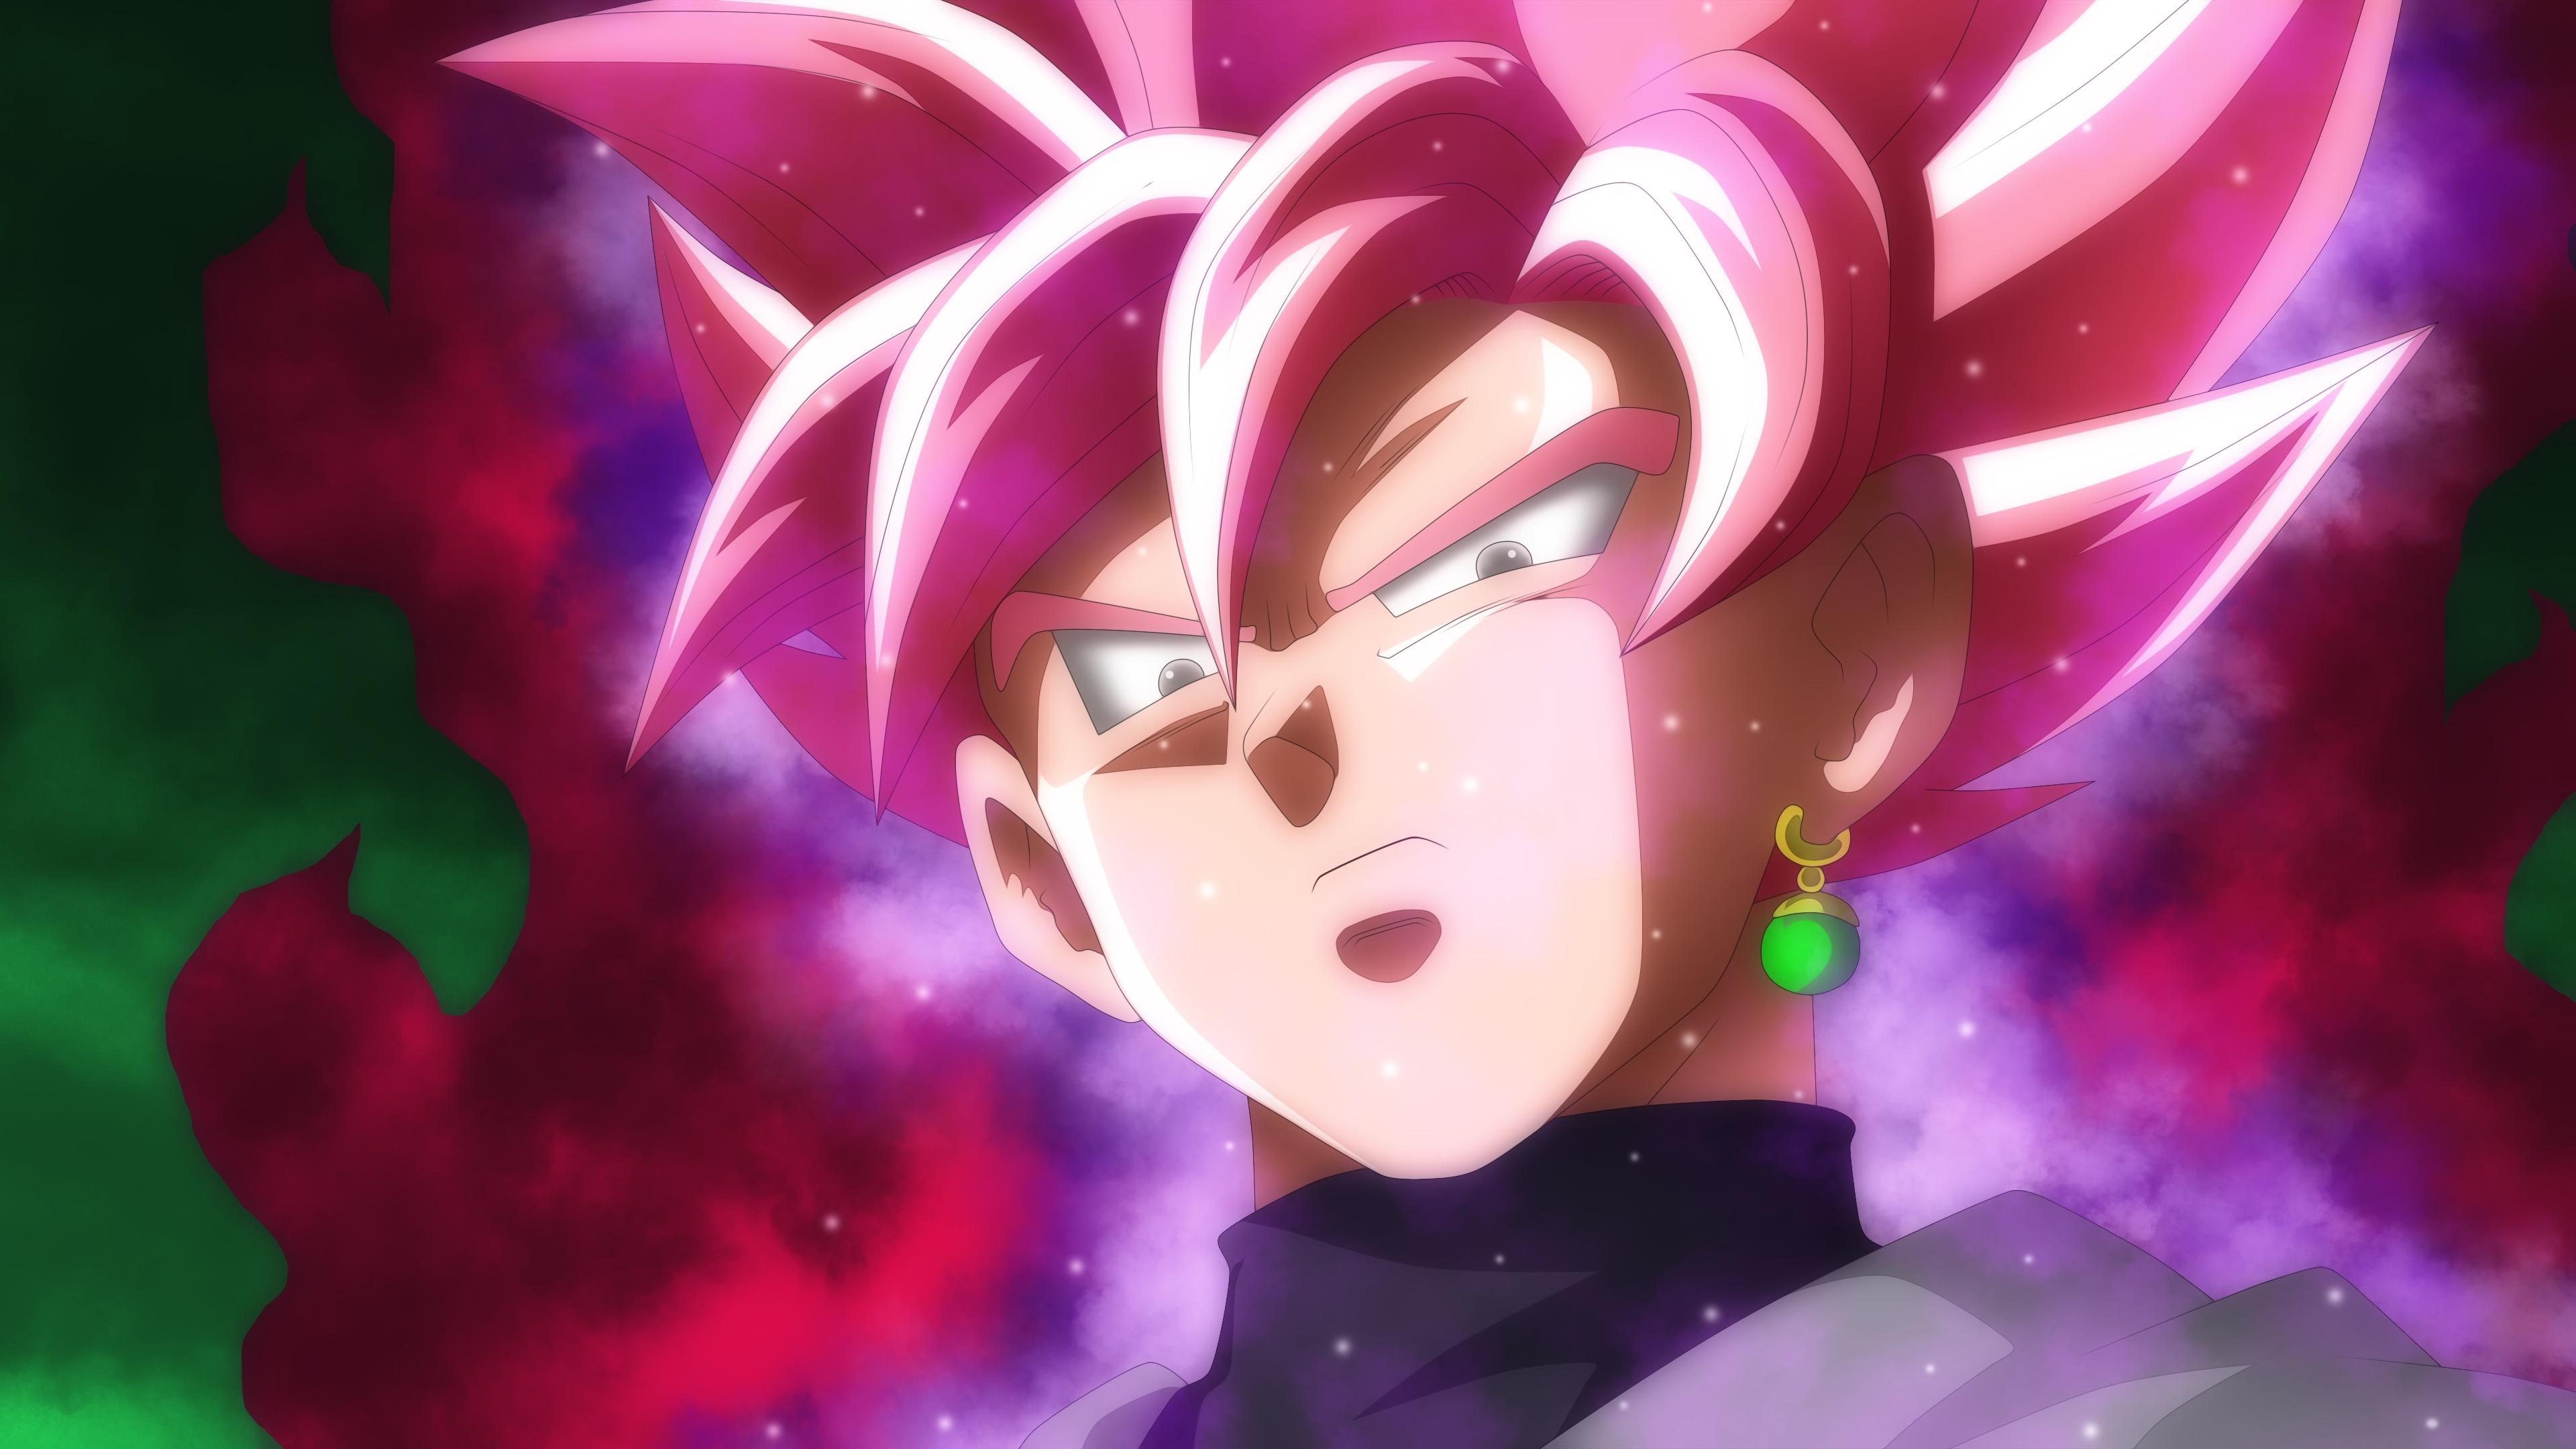 Goku Black Super Saiyan Rose 3840x2160 Download Hd Wallpaper Wallpapertip